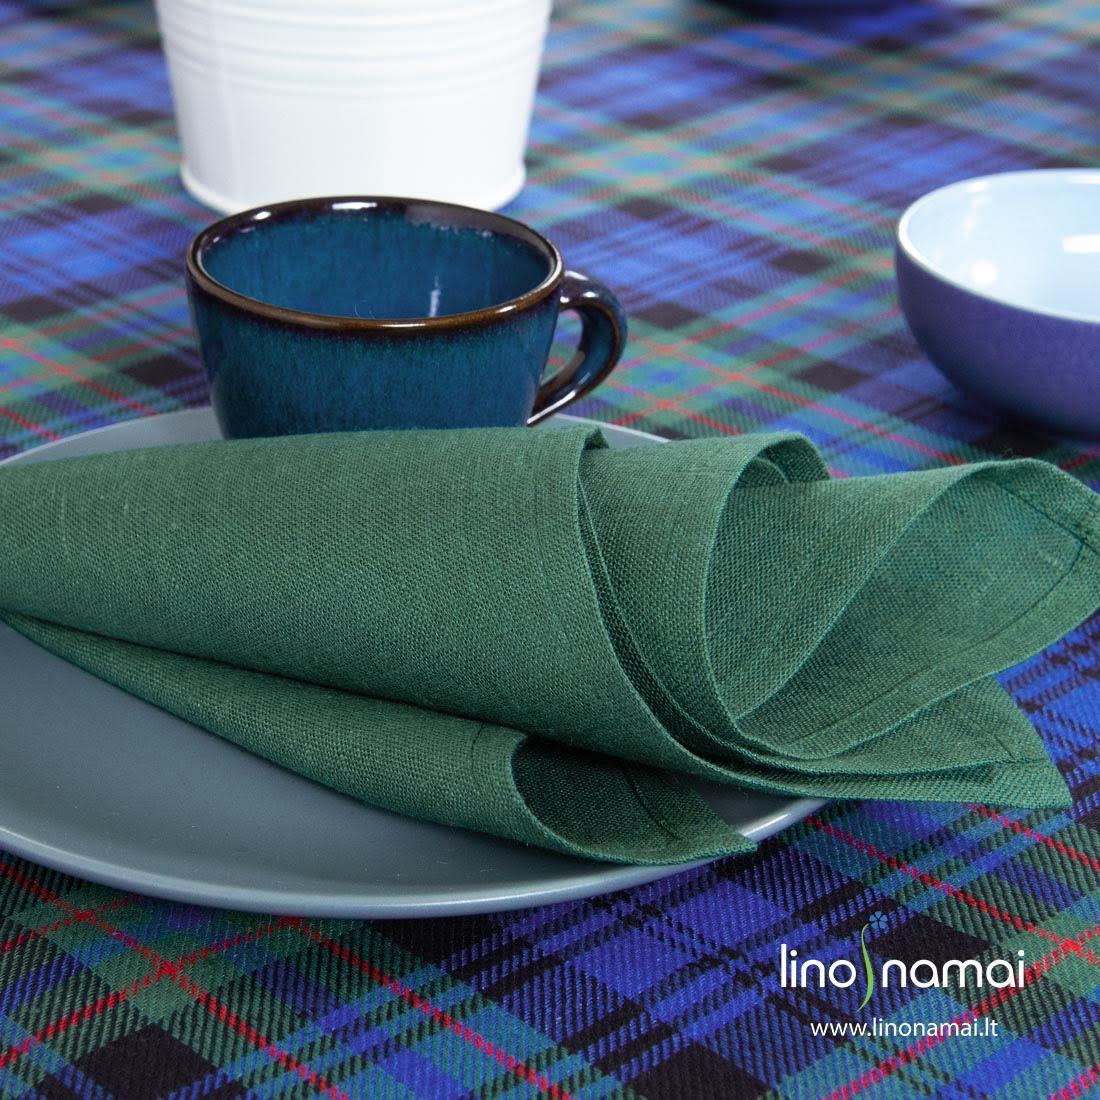 Puslininė tamsiai žalia servetėlė